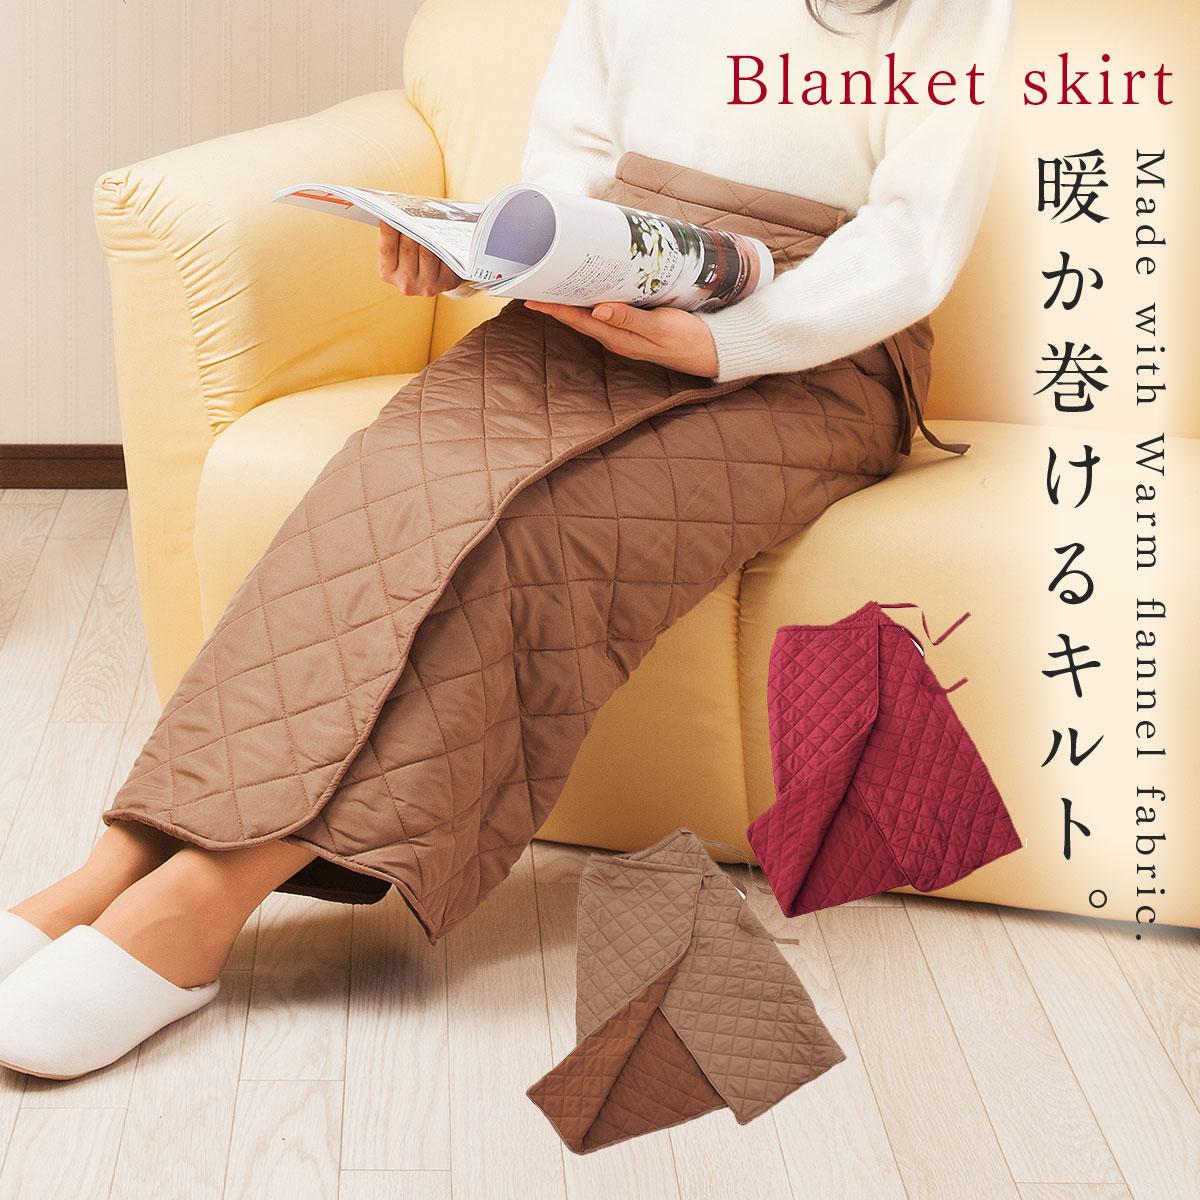 ホームウェア ひざ掛け ロングスカート 防寒 あったか巻きスカート 全2色